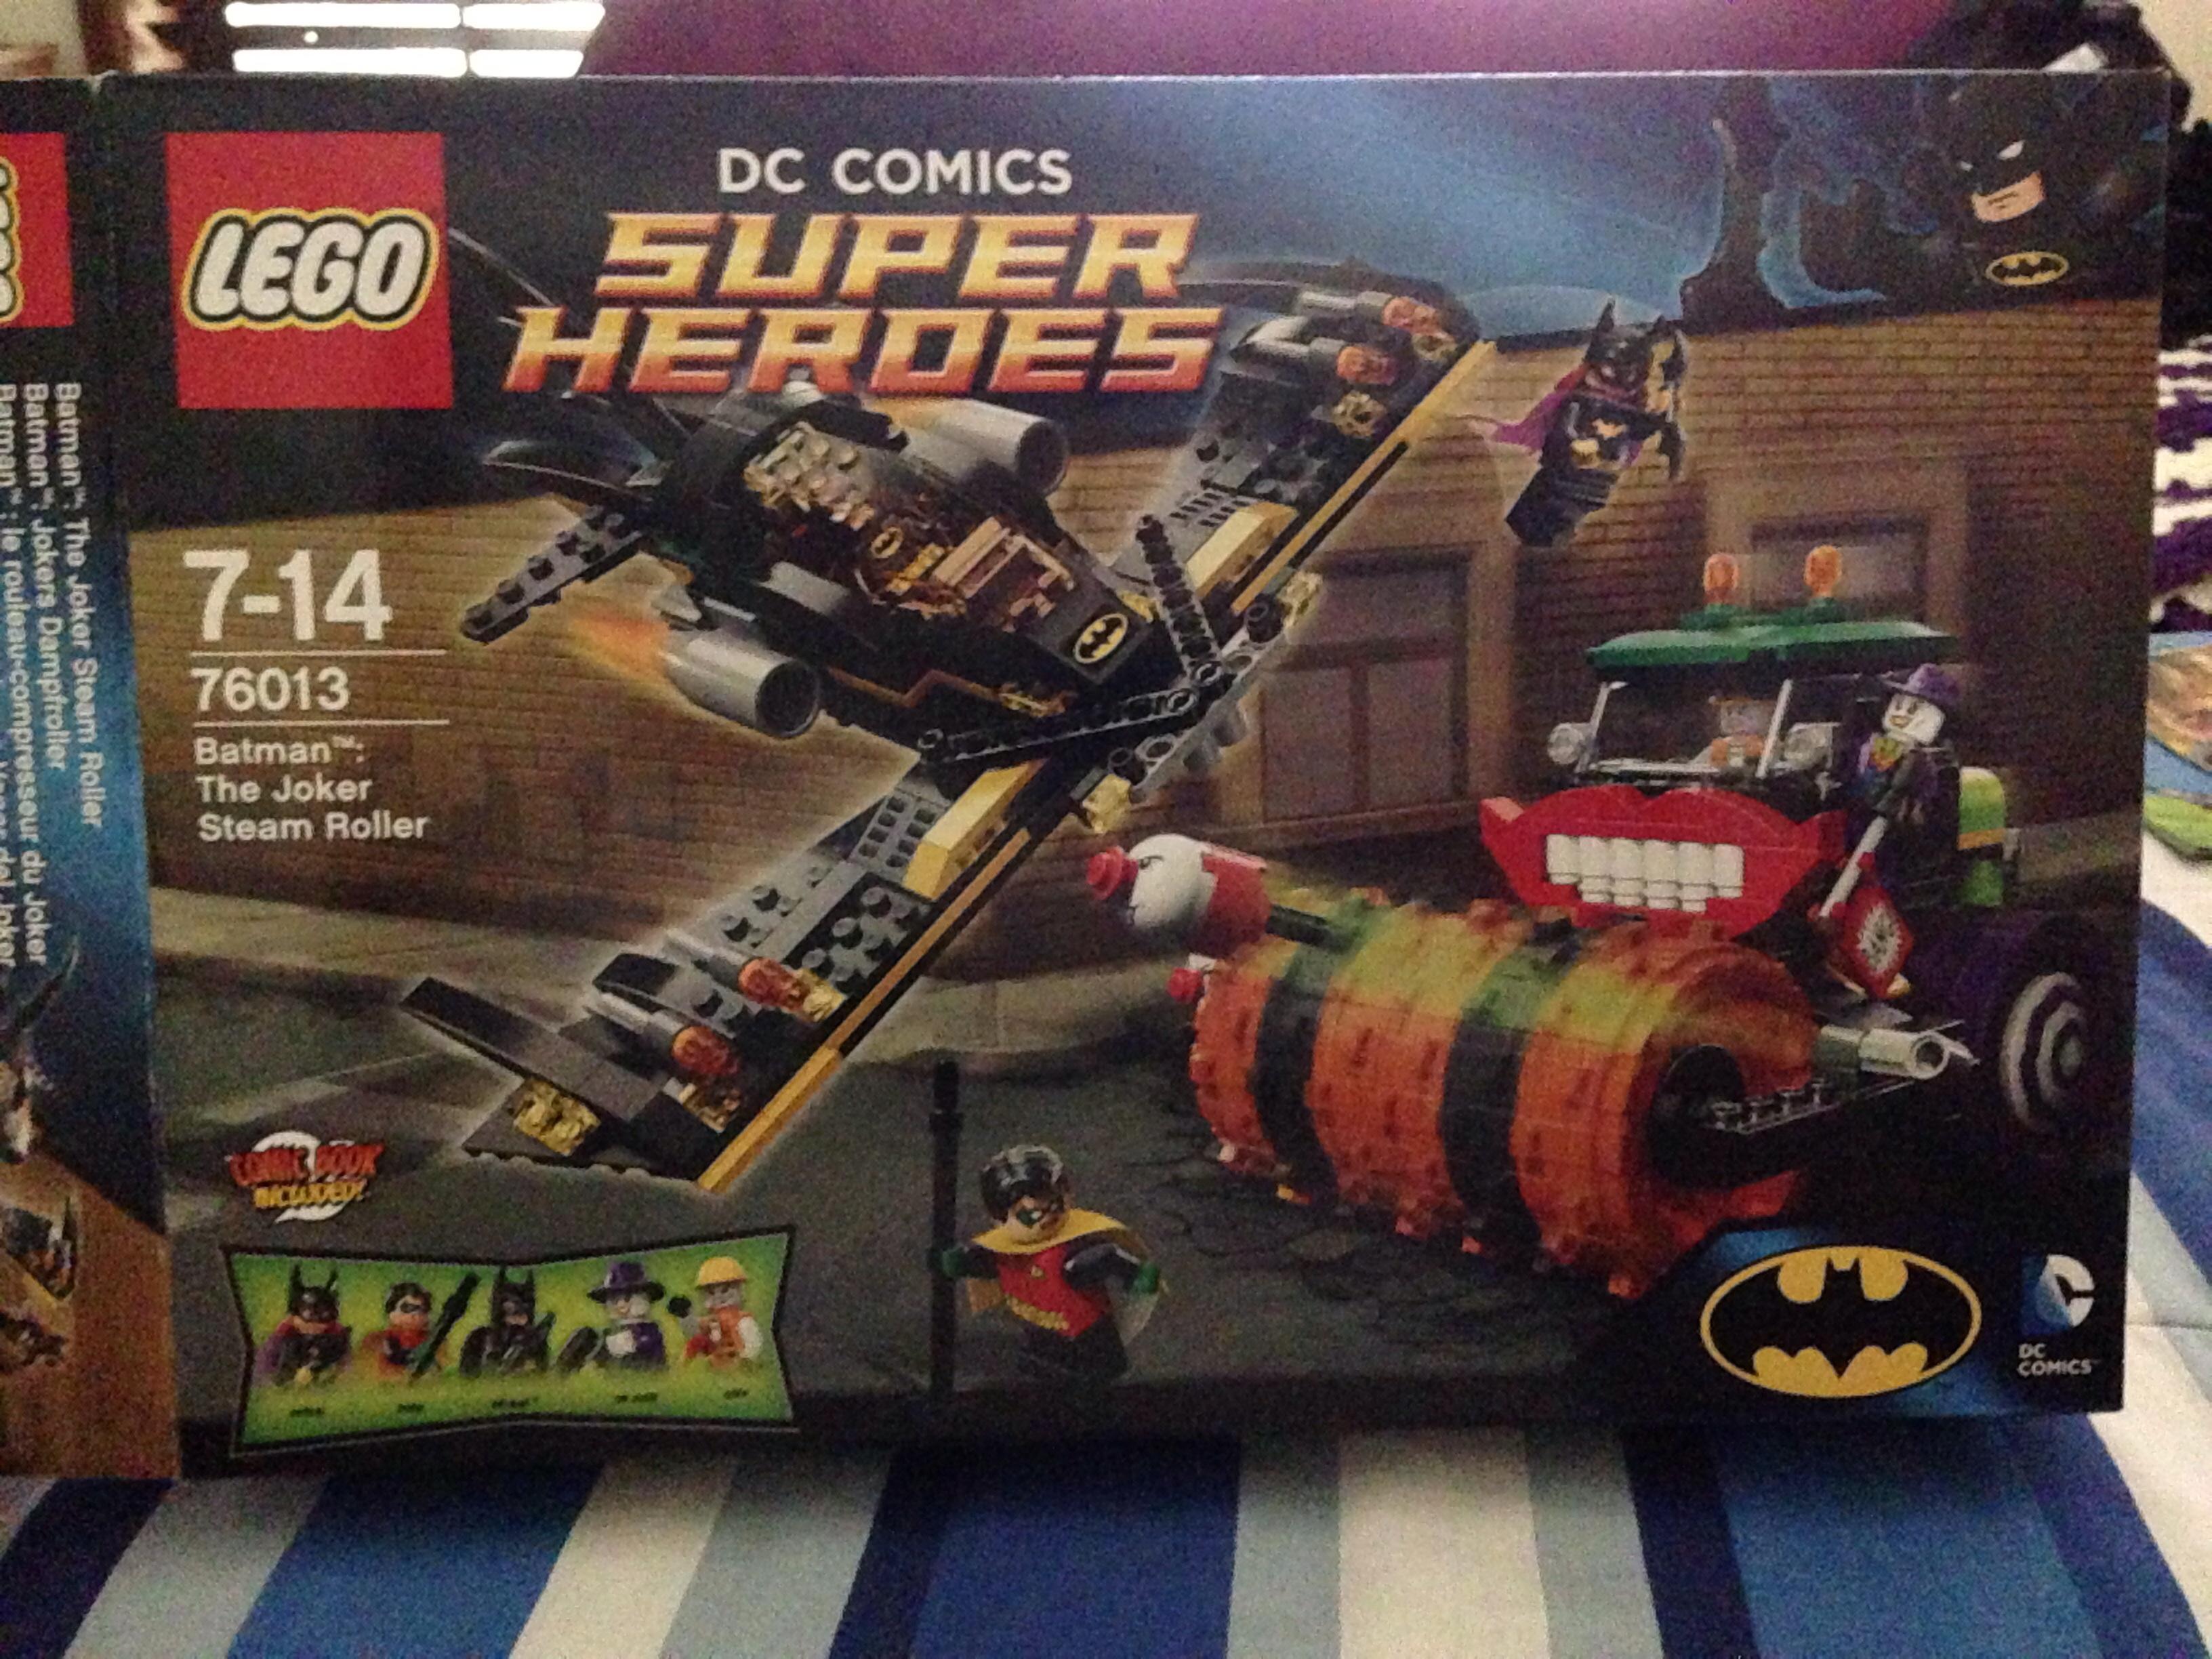 Lego Batman Sets 2014: LEGO Batman: The Joker Steam Roller REVIEW